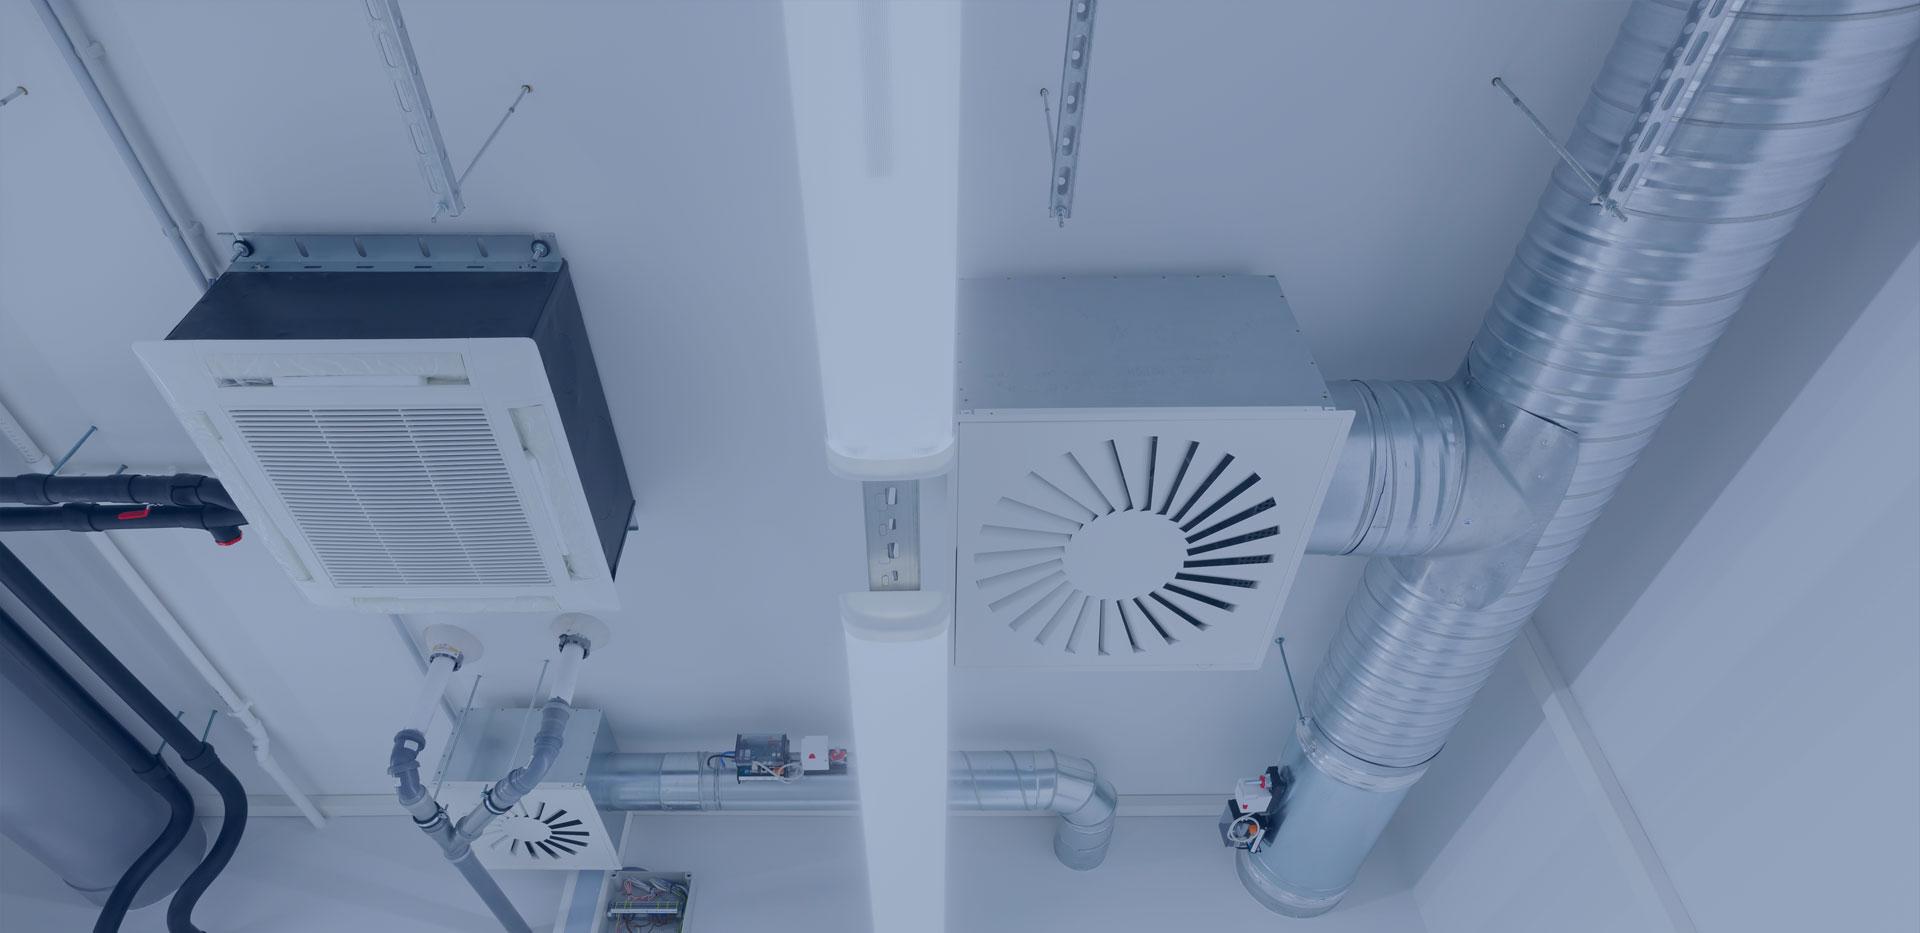 Instalacje sanitarne: klimatyzacja, wentylacja, ogrzewanie